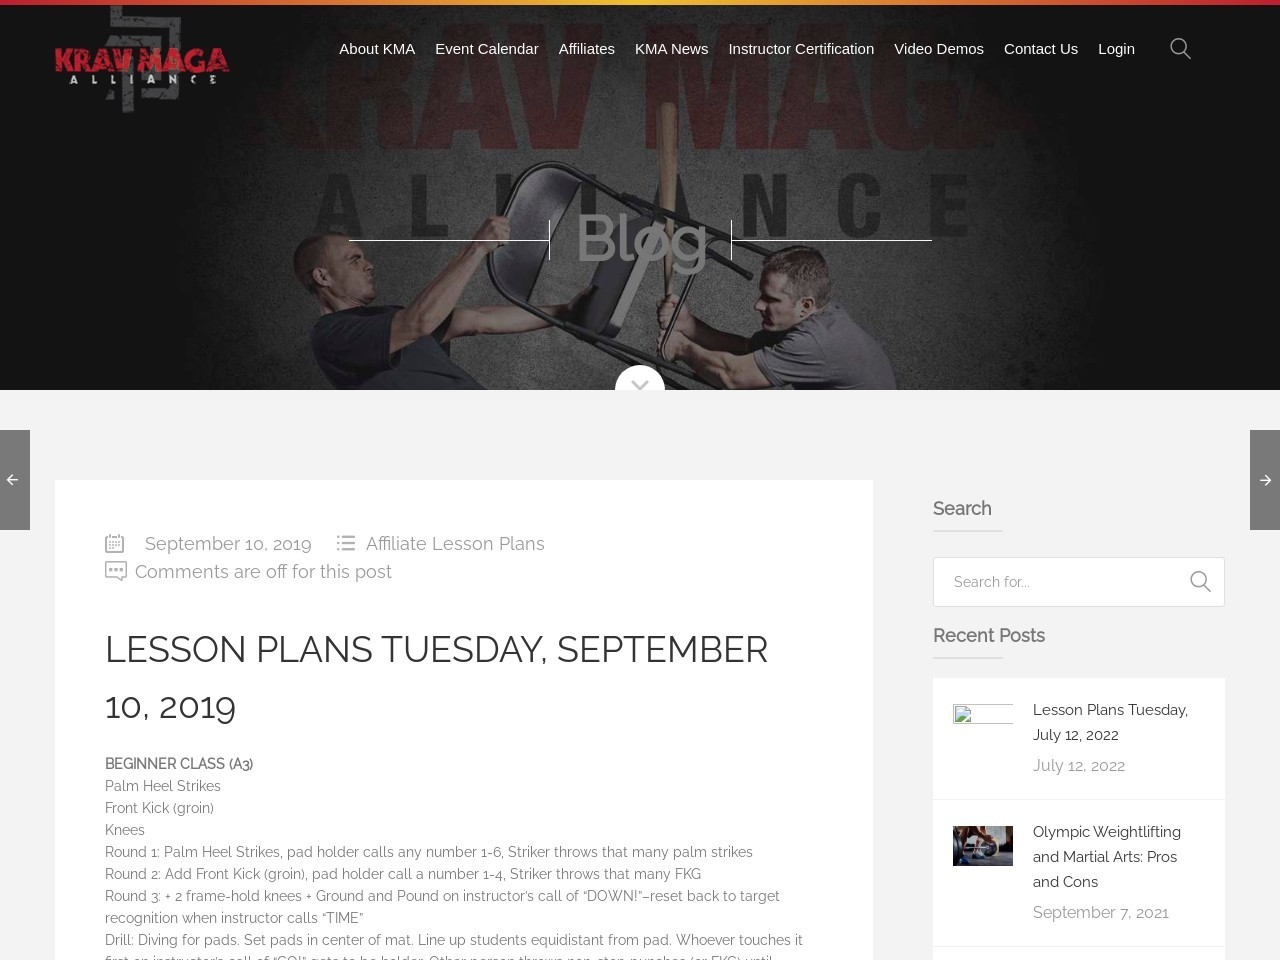 Lesson Plans Tuesday, September 10, 2019